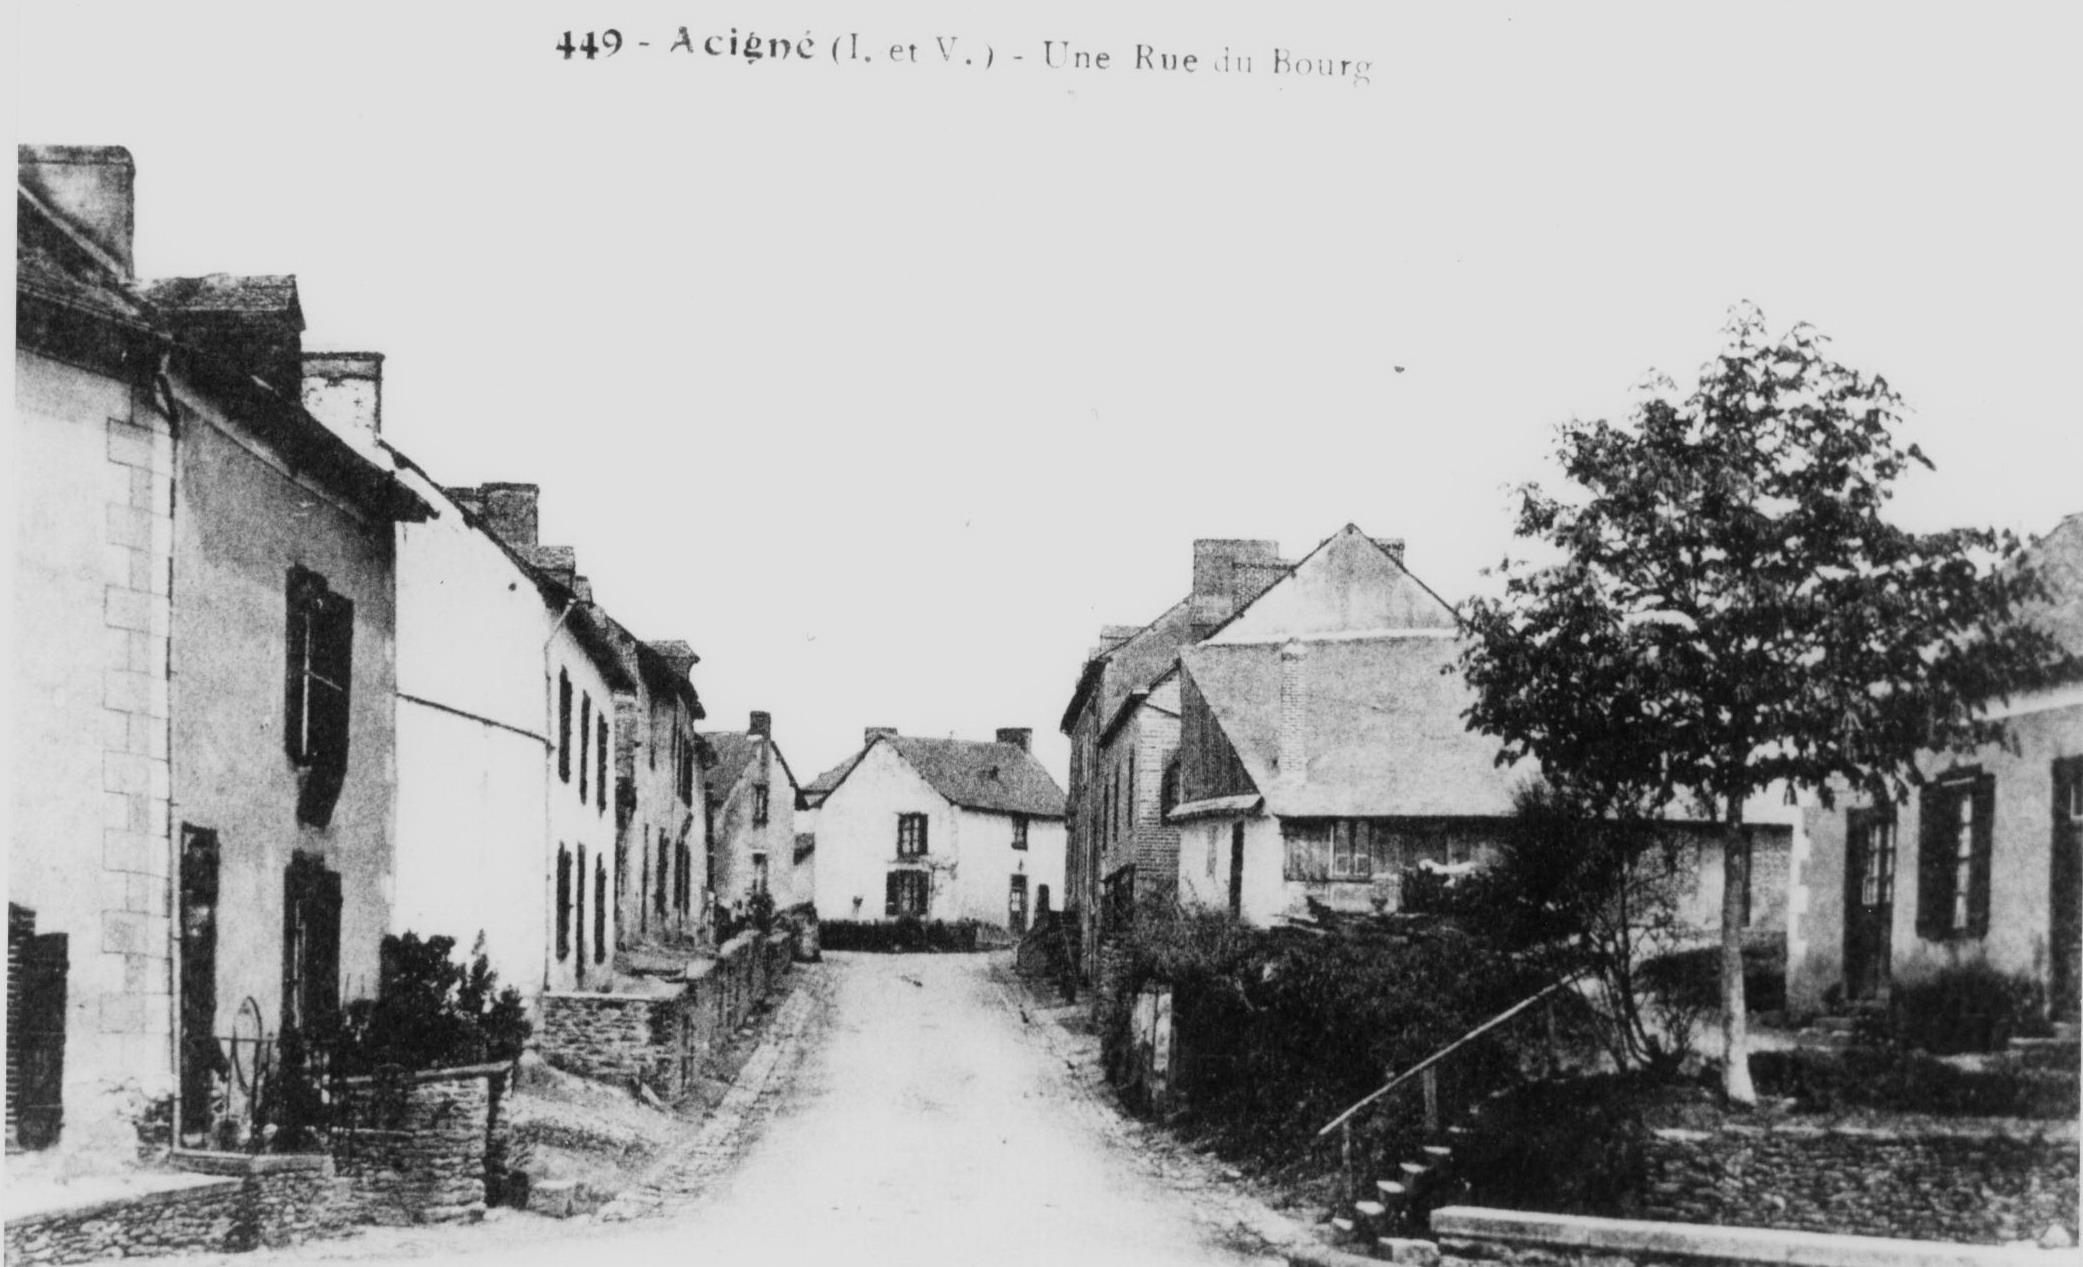 La rue de Calais à Acigné, dans la première moitié du XXe s.